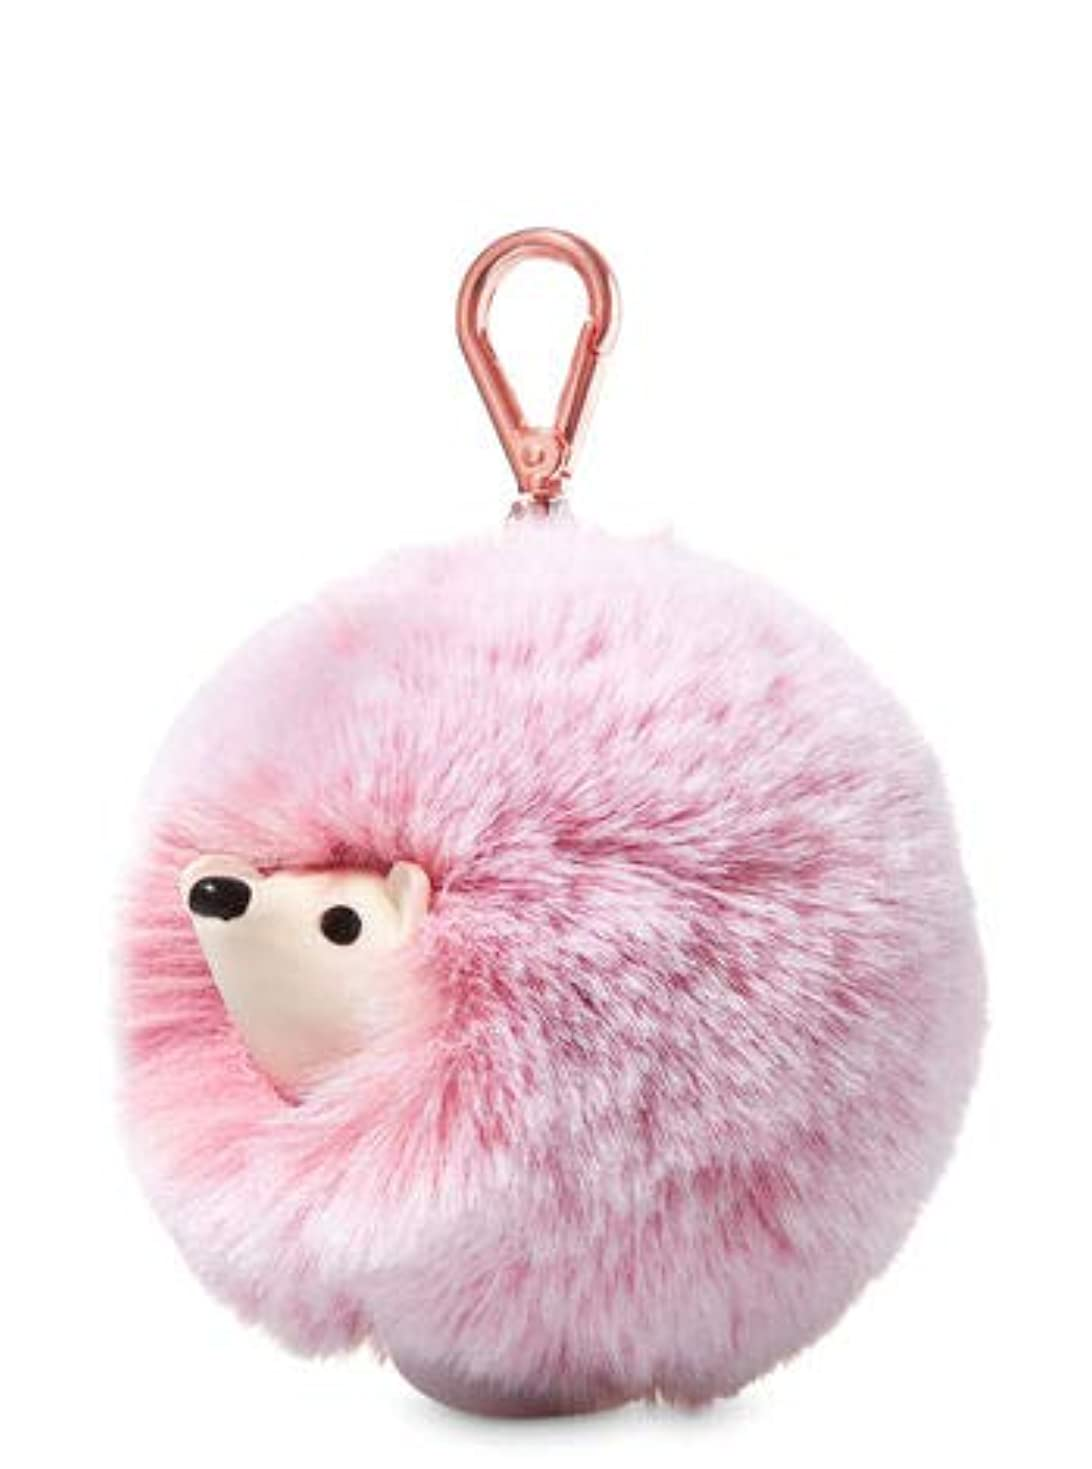 以前は圧倒的数学【Bath&Body Works/バス&ボディワークス】 抗菌ハンドジェルホルダー ピンクヘッジホッグポンポン Pocketbac Holder Pink Hedgehog Pom-Pom [並行輸入品]